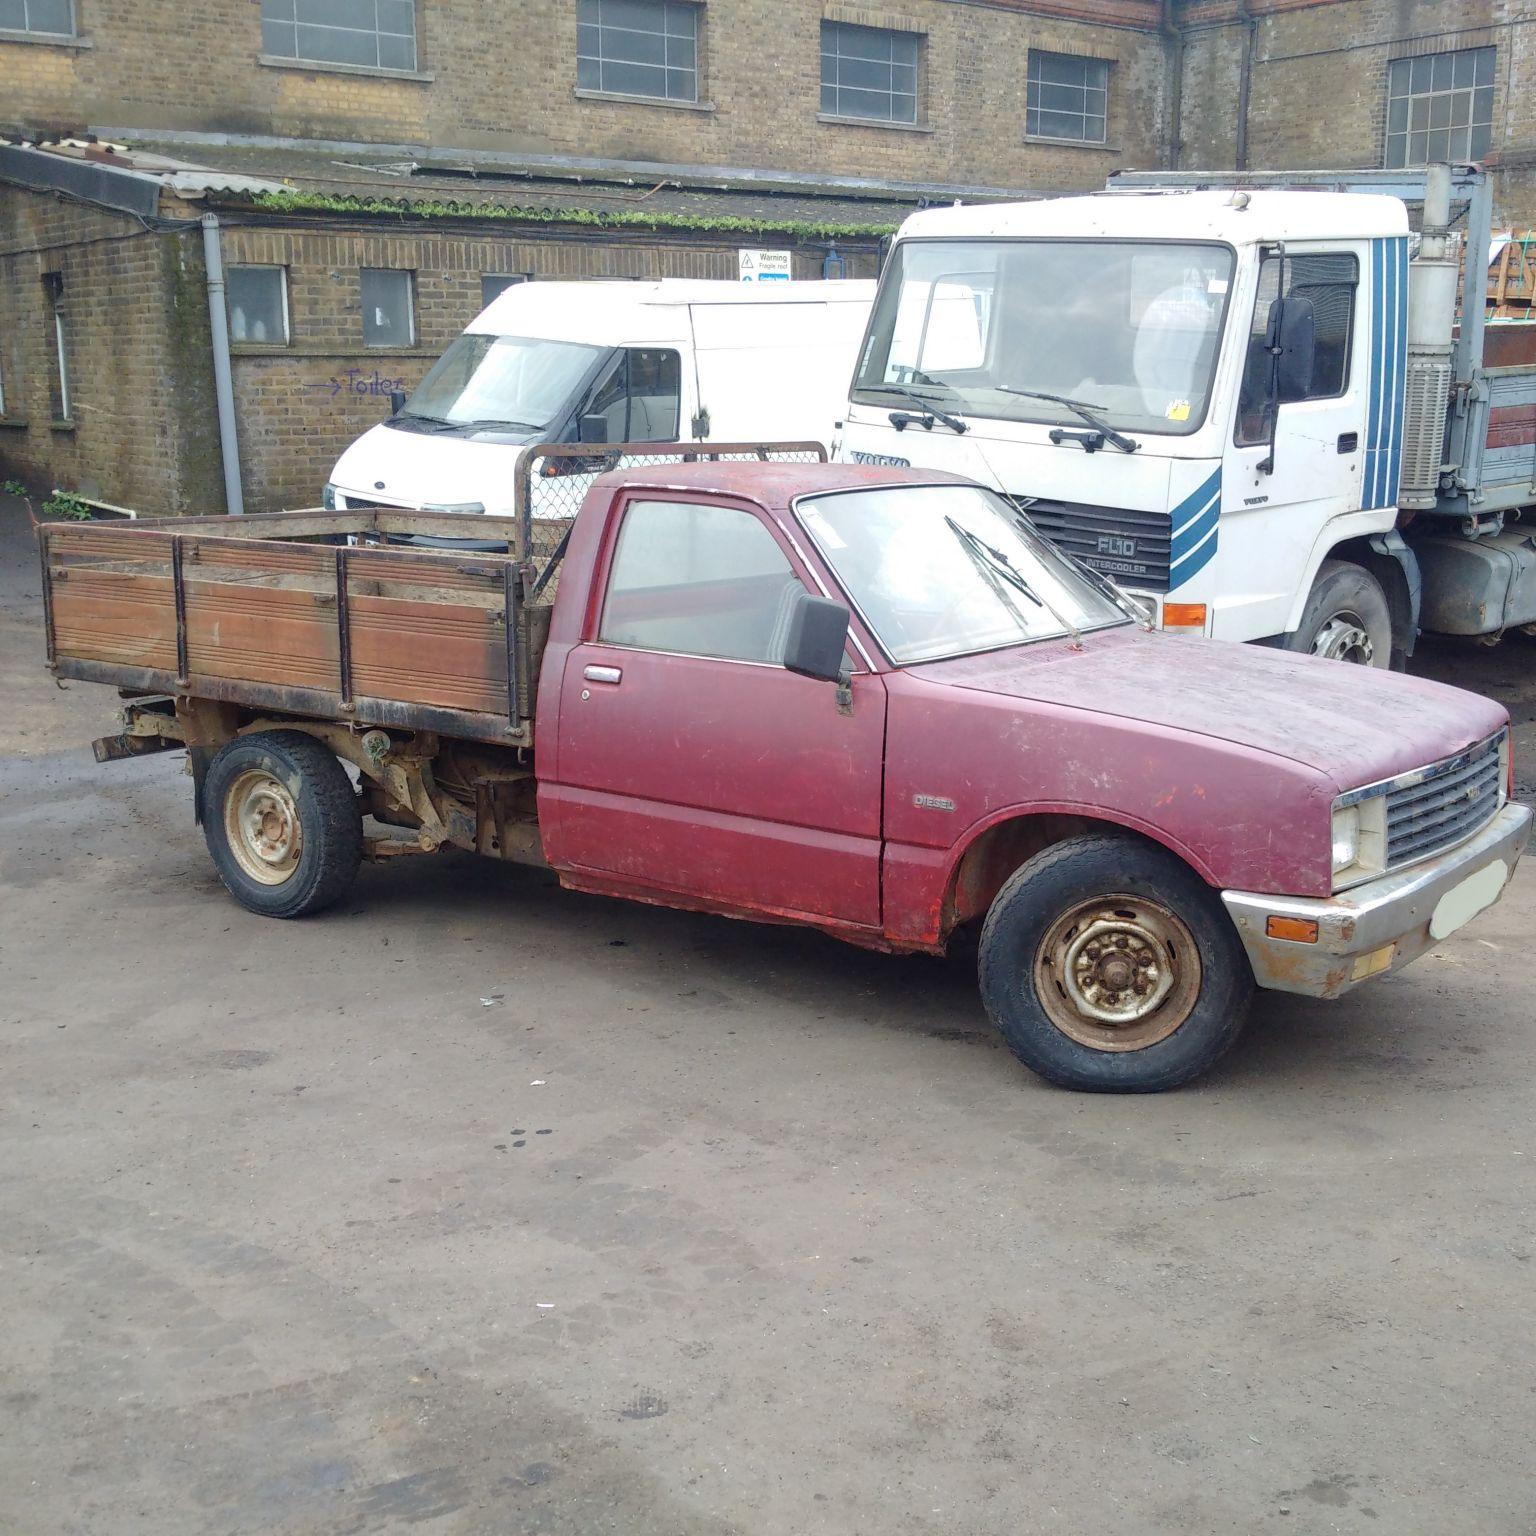 Left hand drive Bedford / Isuzu KBD 26 2.3 diesel pick up truck.